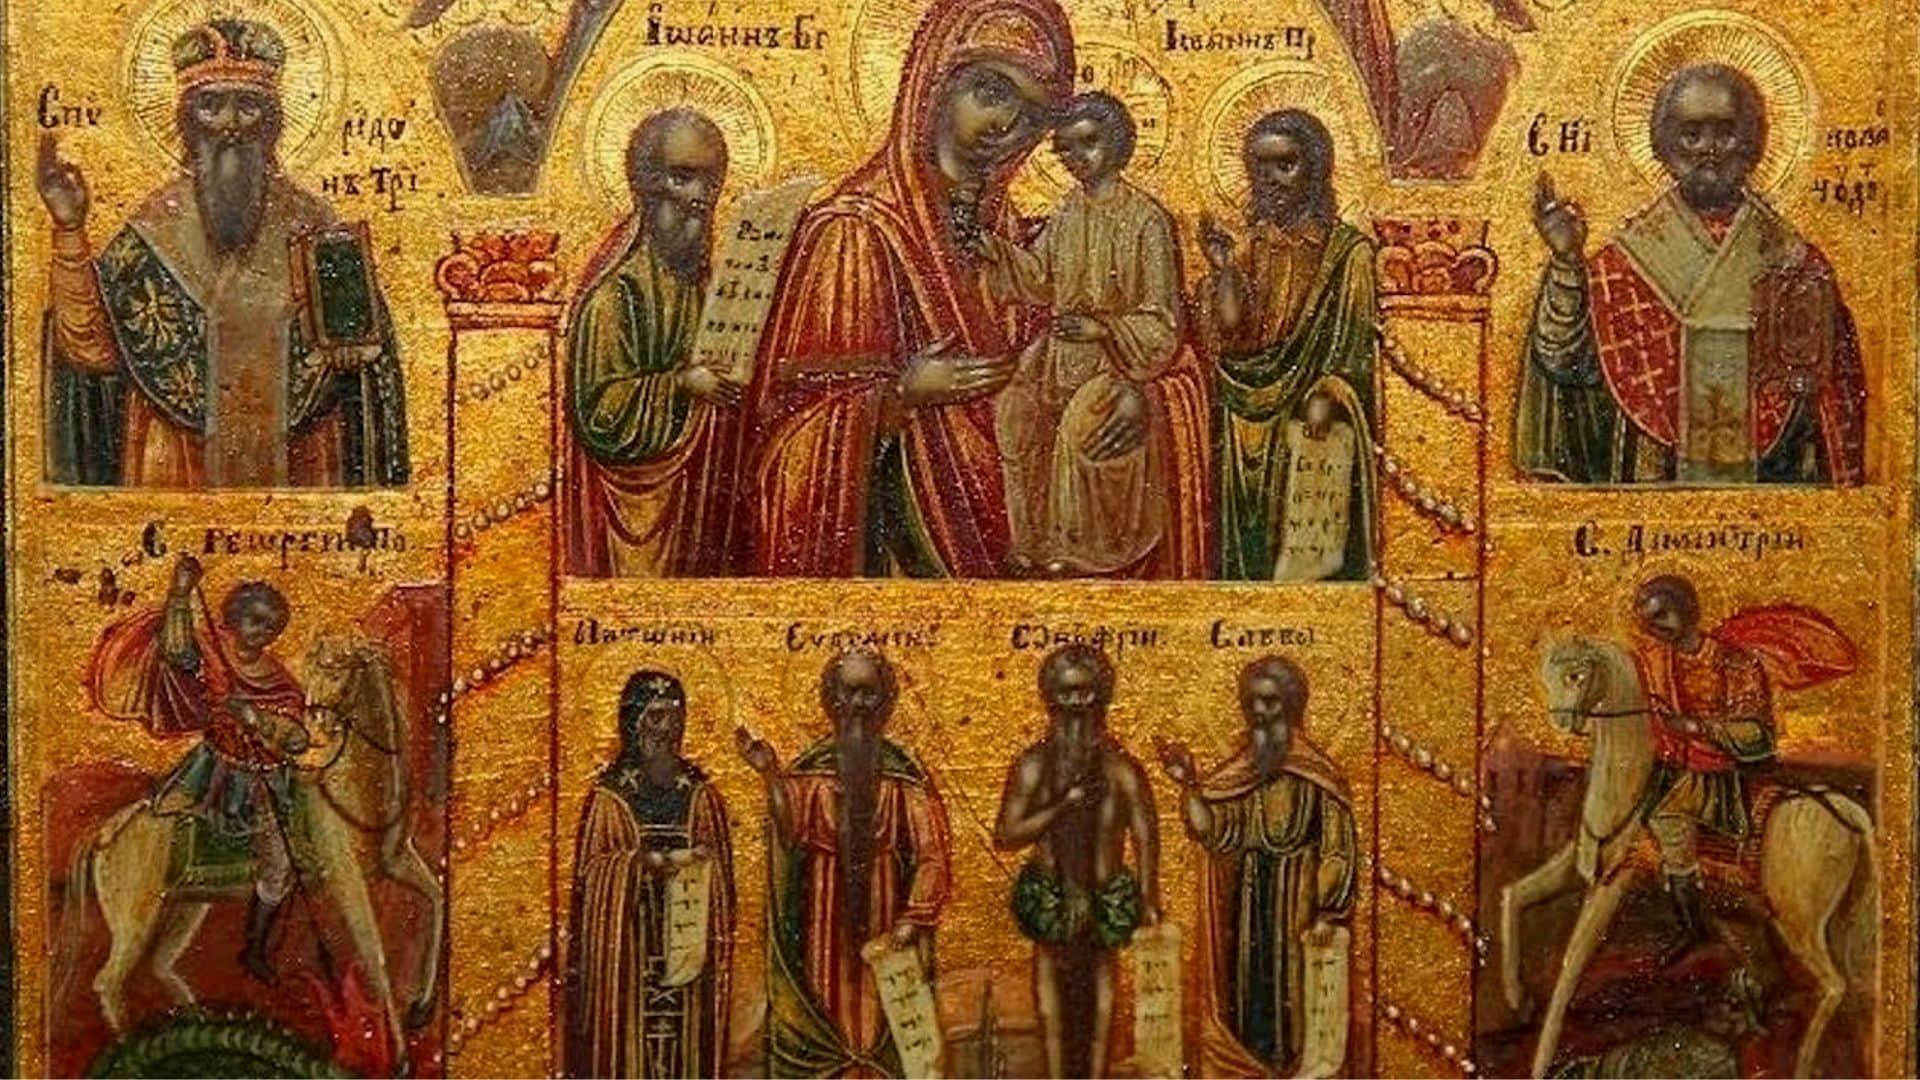 Икона Богородицы В скорбех и Печателех Утешение, фото, изображение, фото, изображение 1